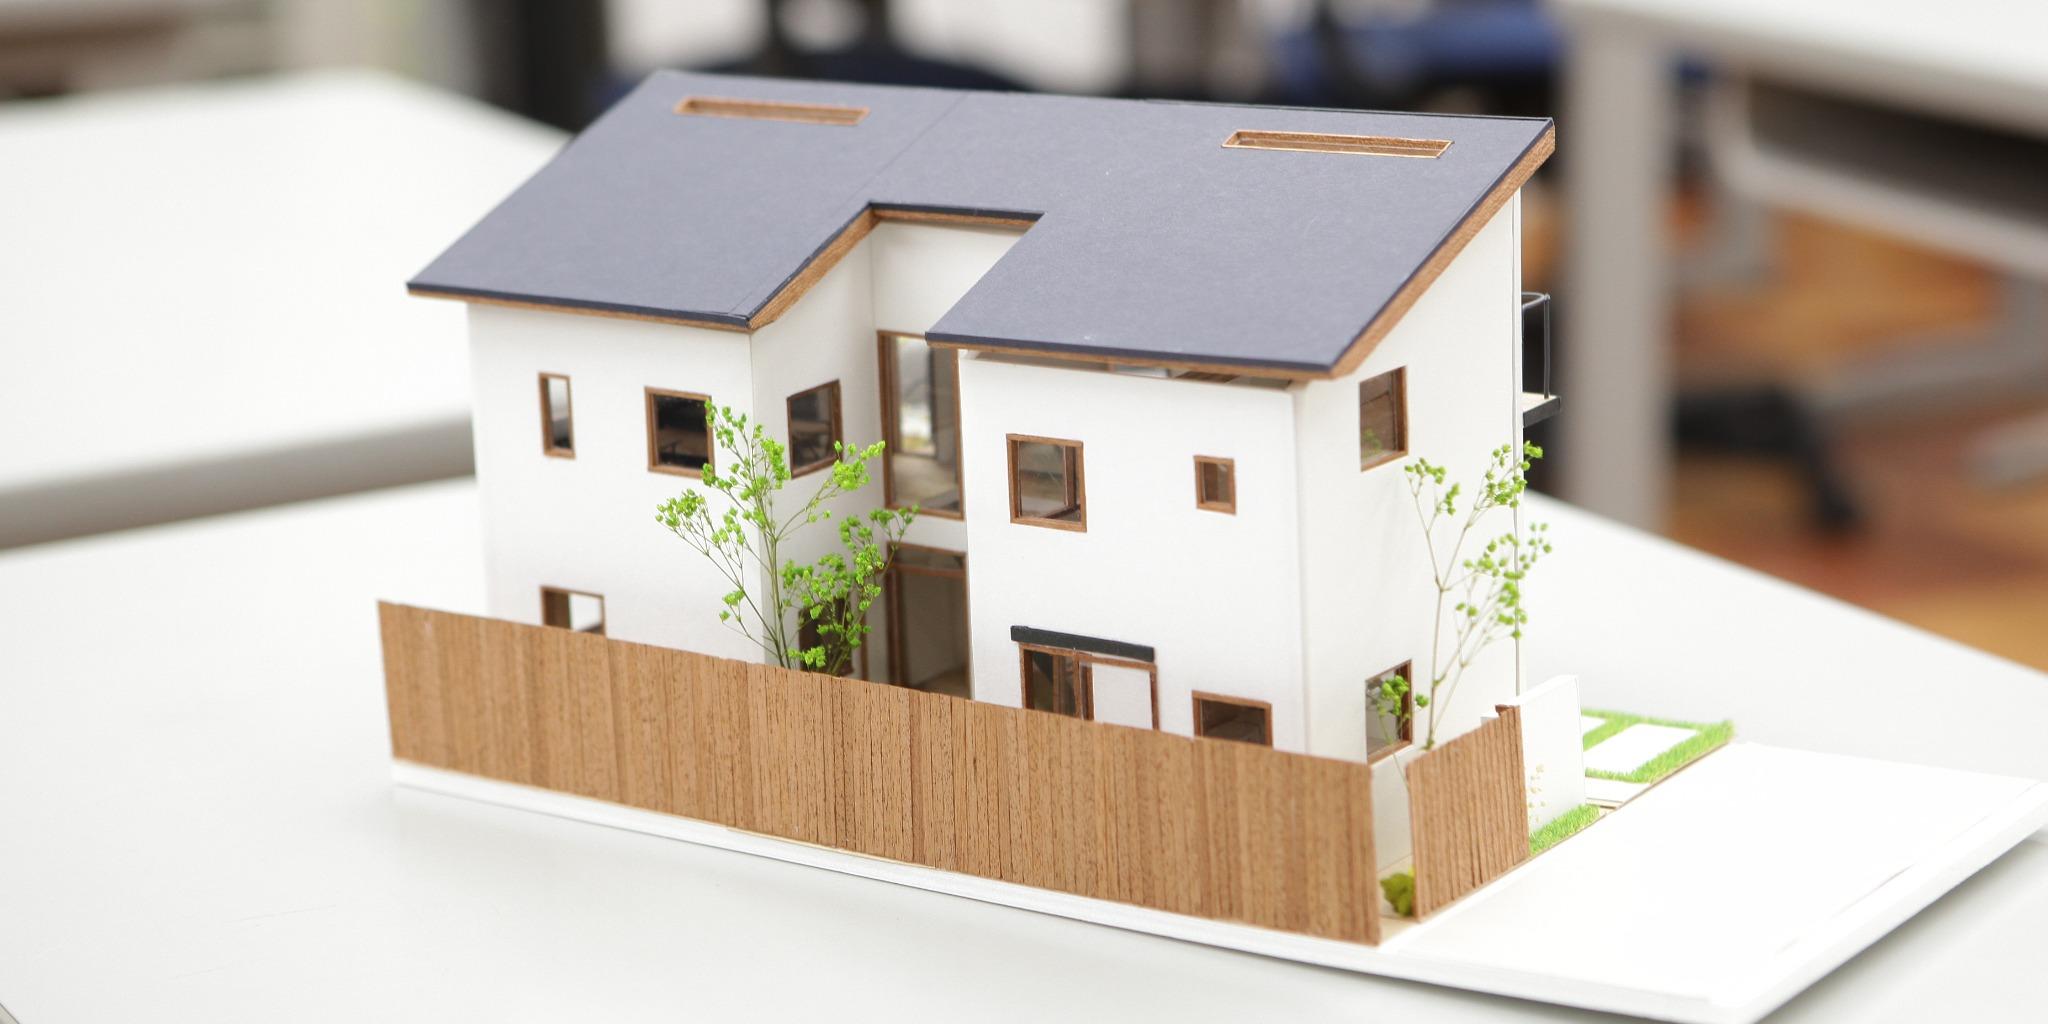 「意匠設計・都市計画」「構造設計」「住宅設計」・・・建築業界の仕事や役立つ資格をご紹介